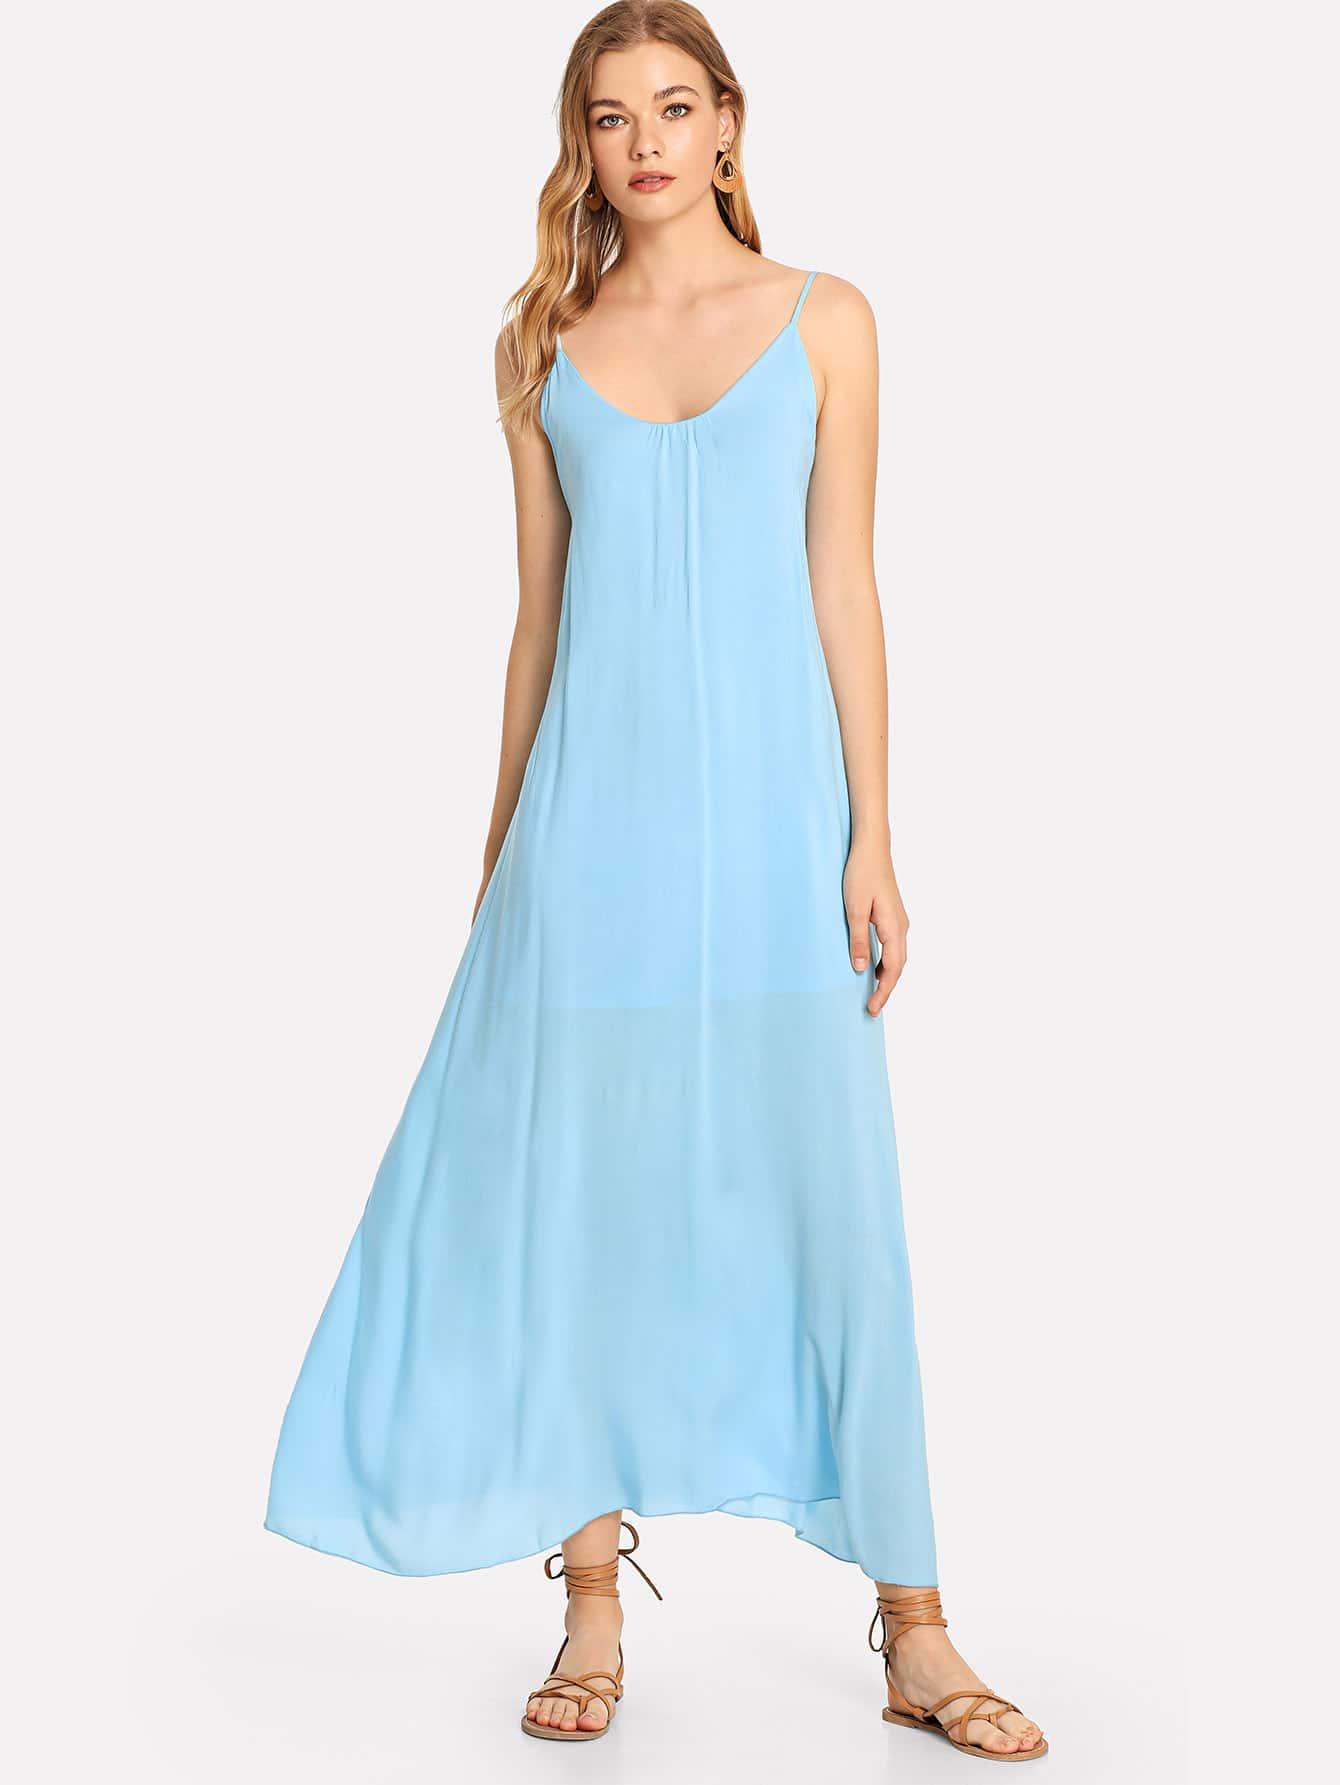 Купить Платье с твердой трапецией Ками, Teresa, SheIn